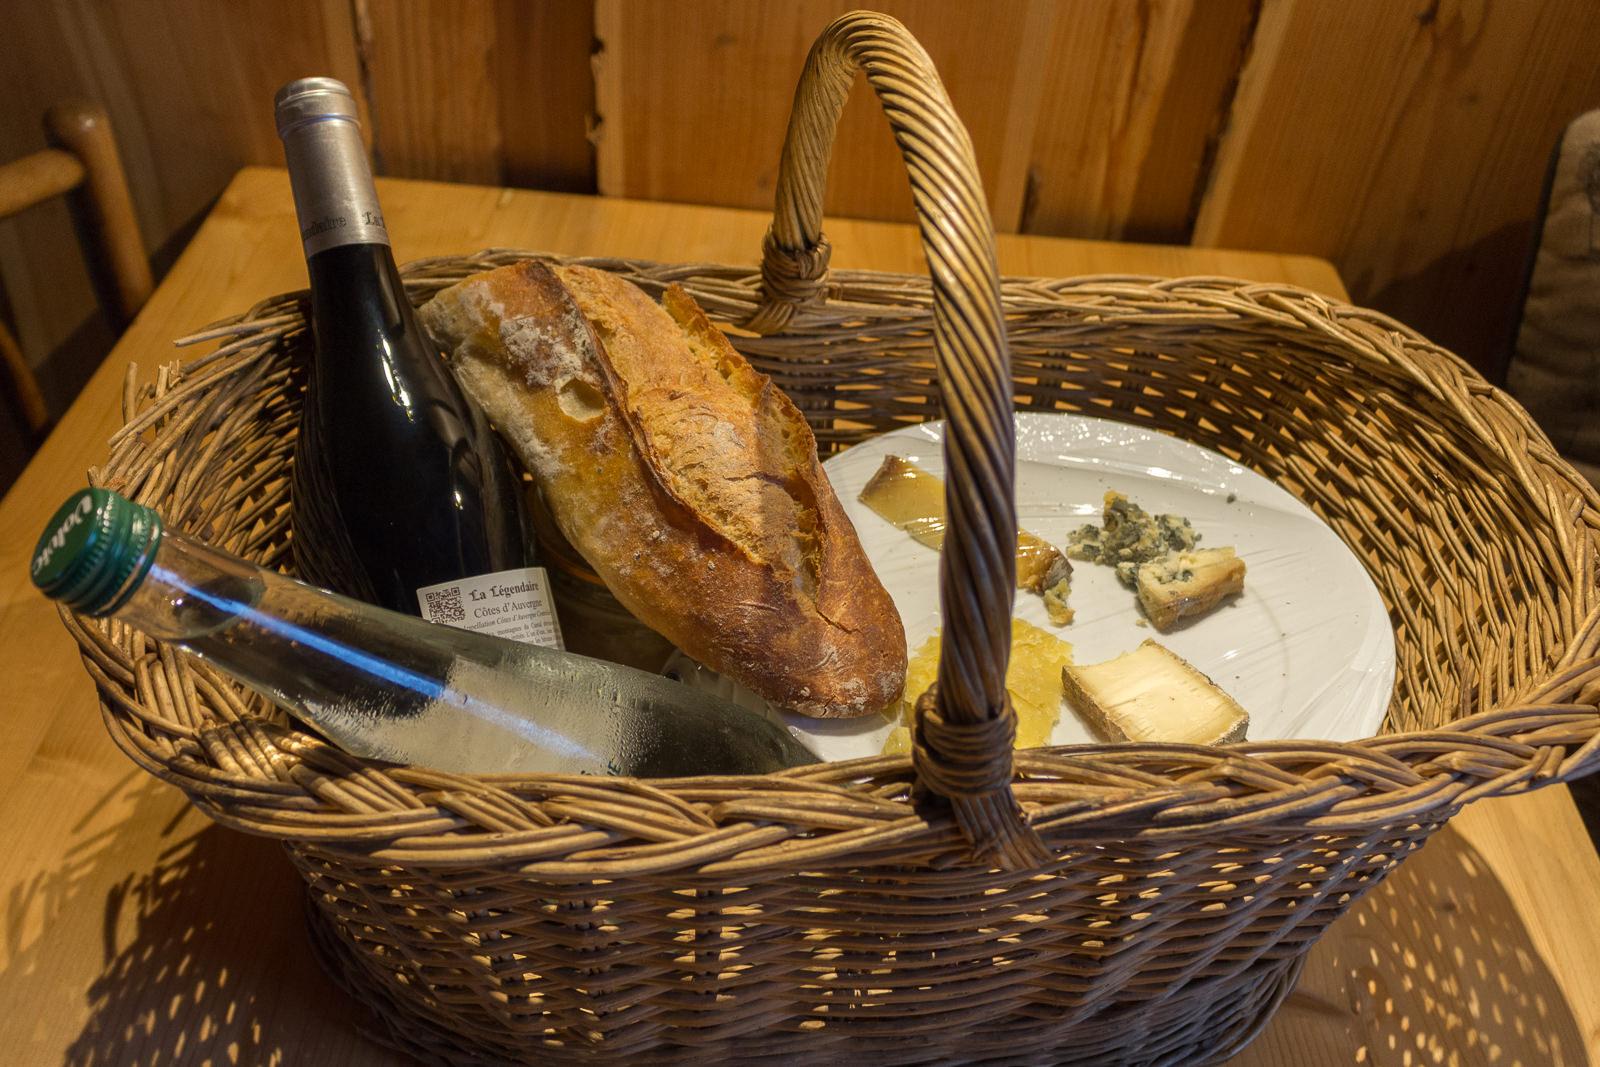 Volcalodges des Tournebise, auvergne, holzhaus, selbstverpflegung, restaurant